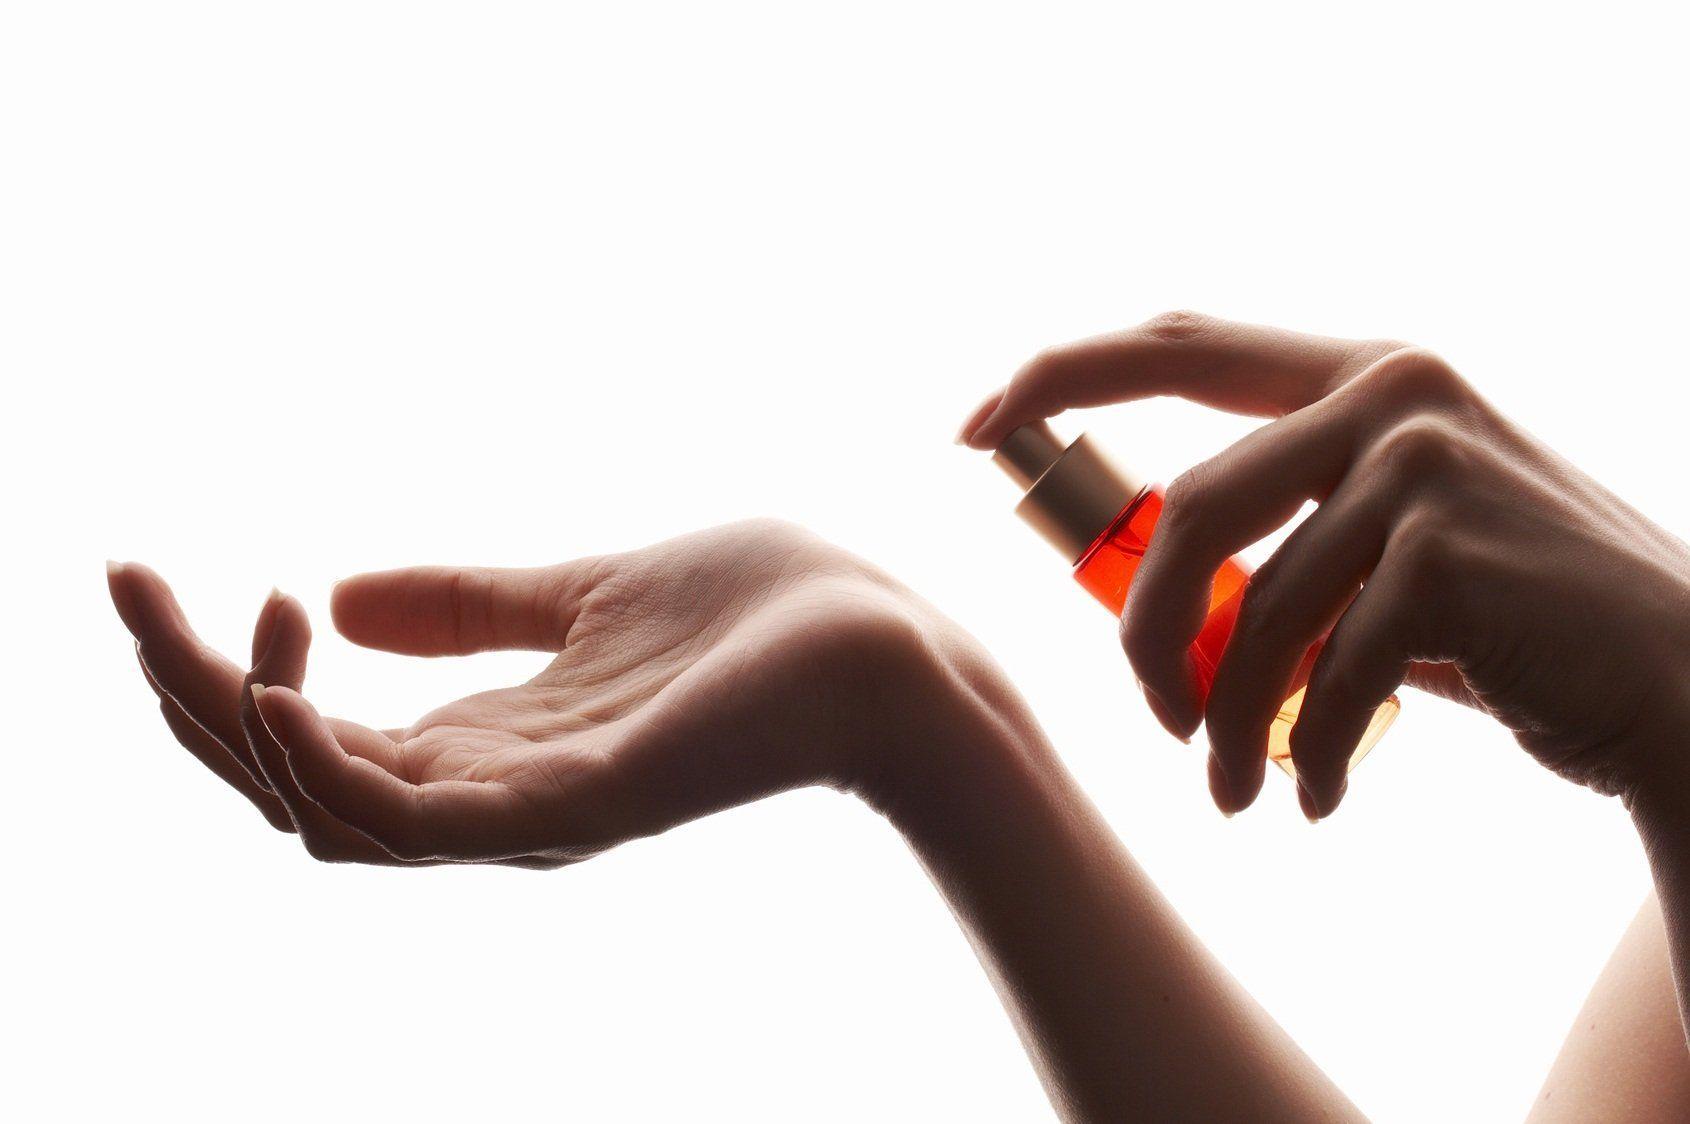 Descoperire: Mirosul corpului ne tradeaza varsta